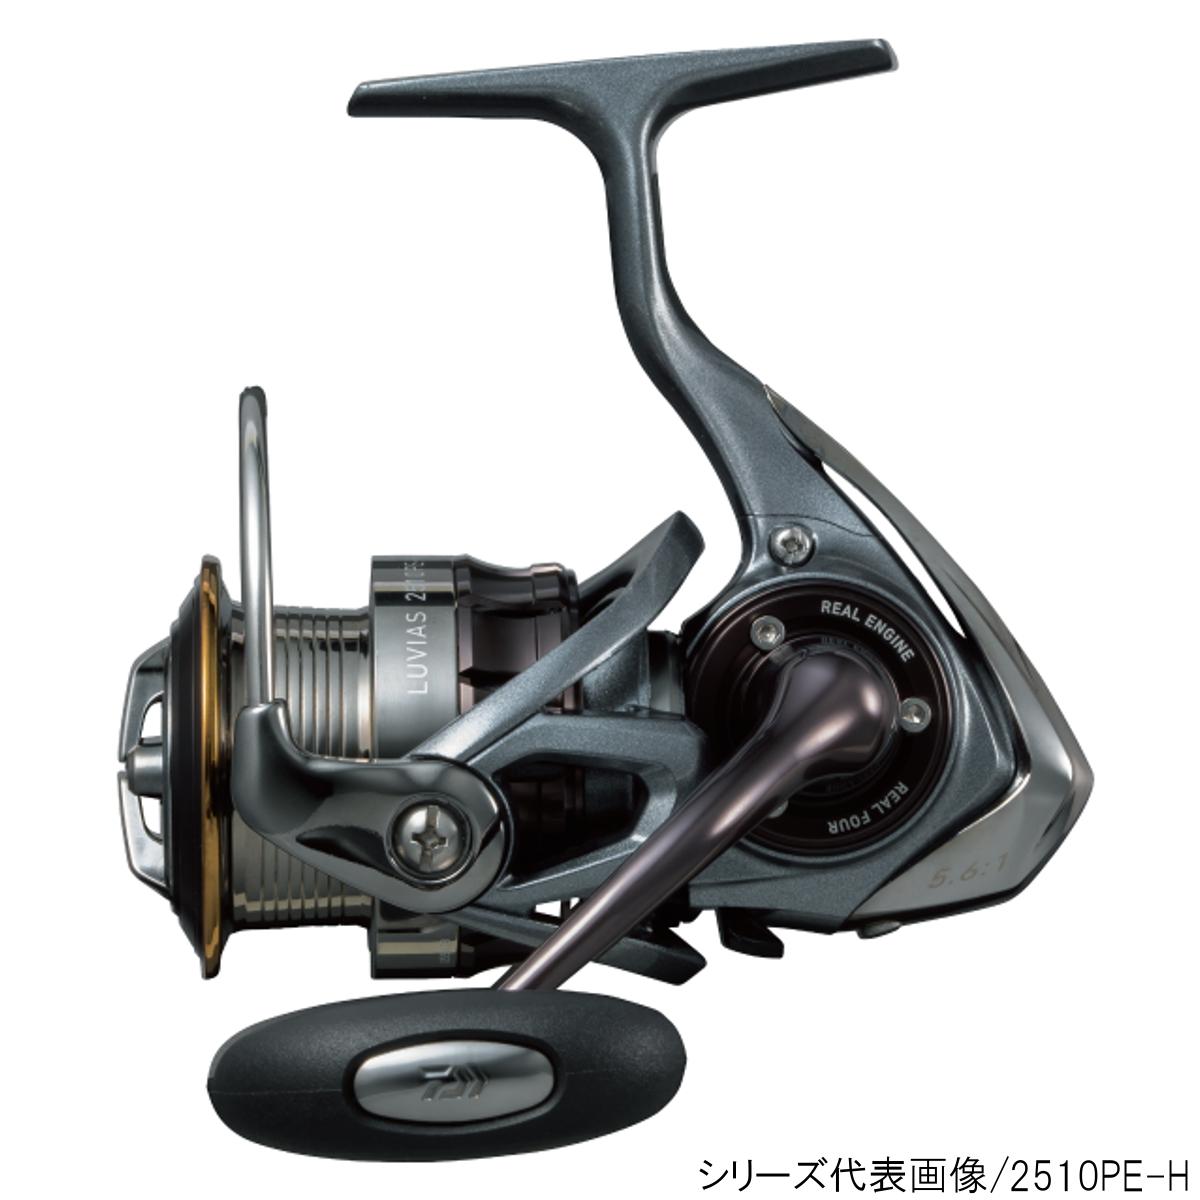 ダイワ ルビアス 2508PE-H【送料無料】